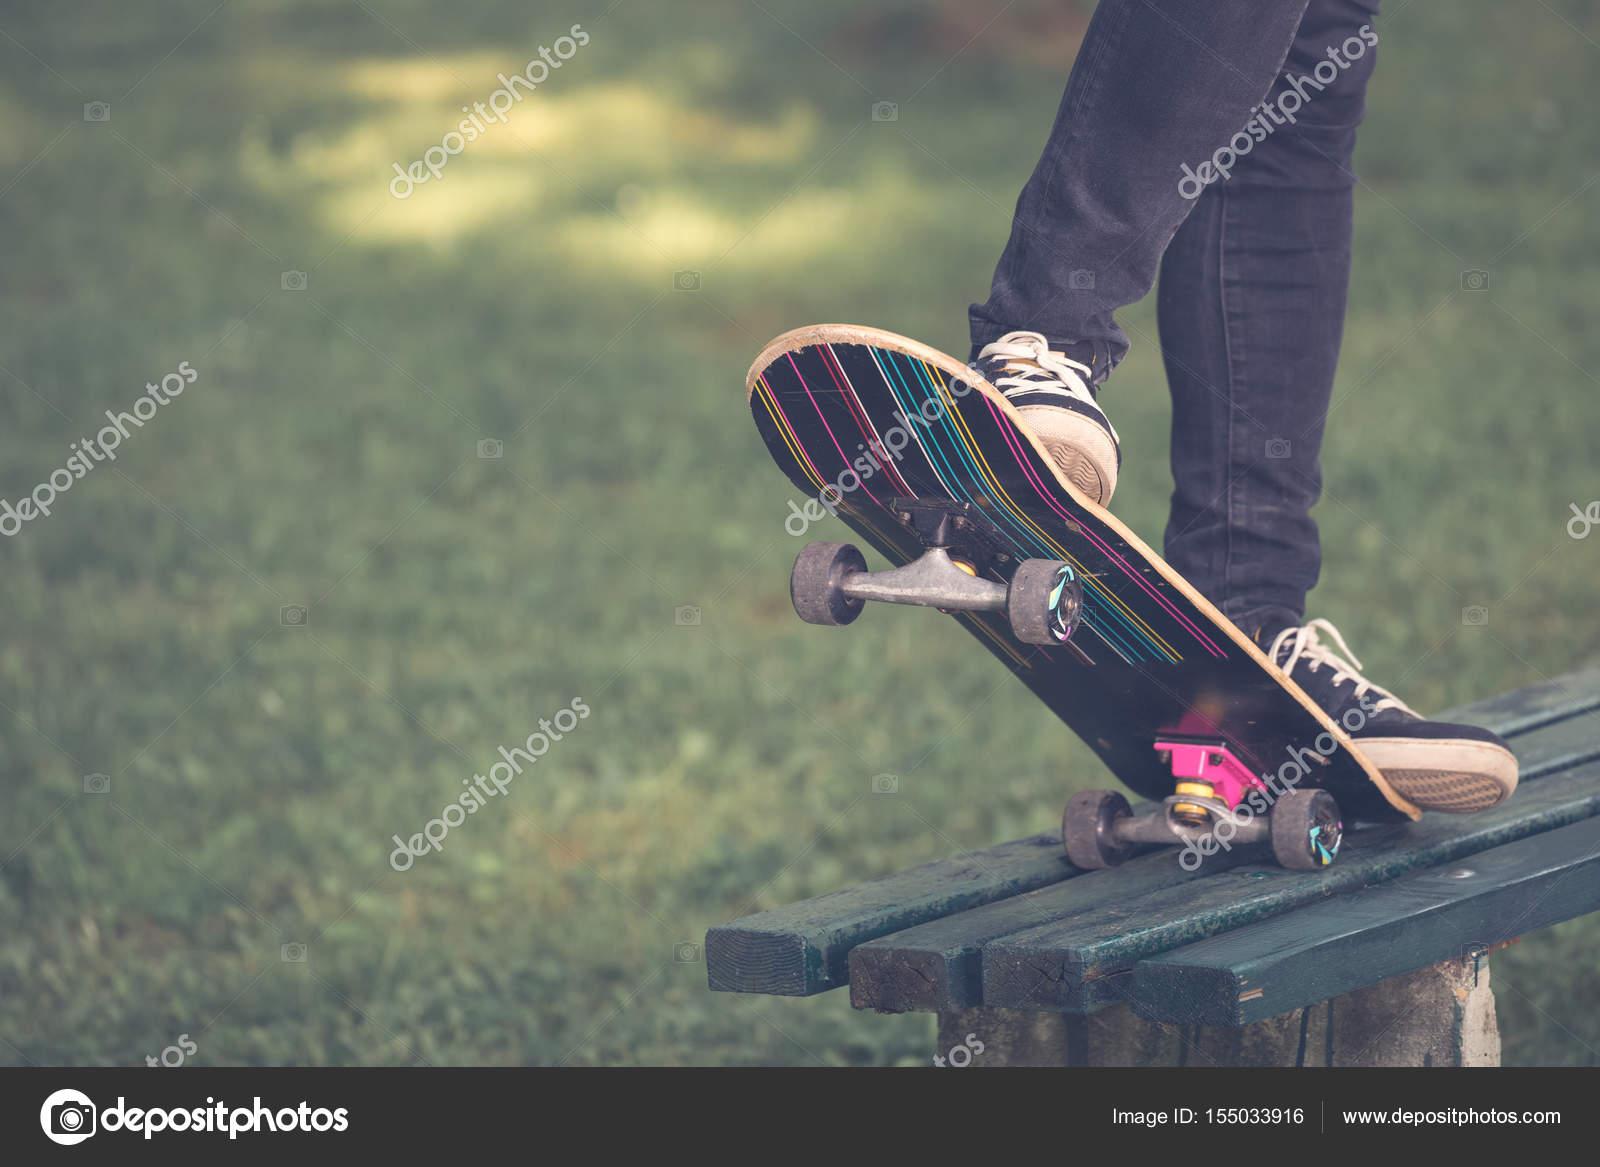 AuBergewohnlich Nahaufnahme Von Mann, Die Beine Auf Skateboard Fahren U2014 Foto Von Zoff Photo